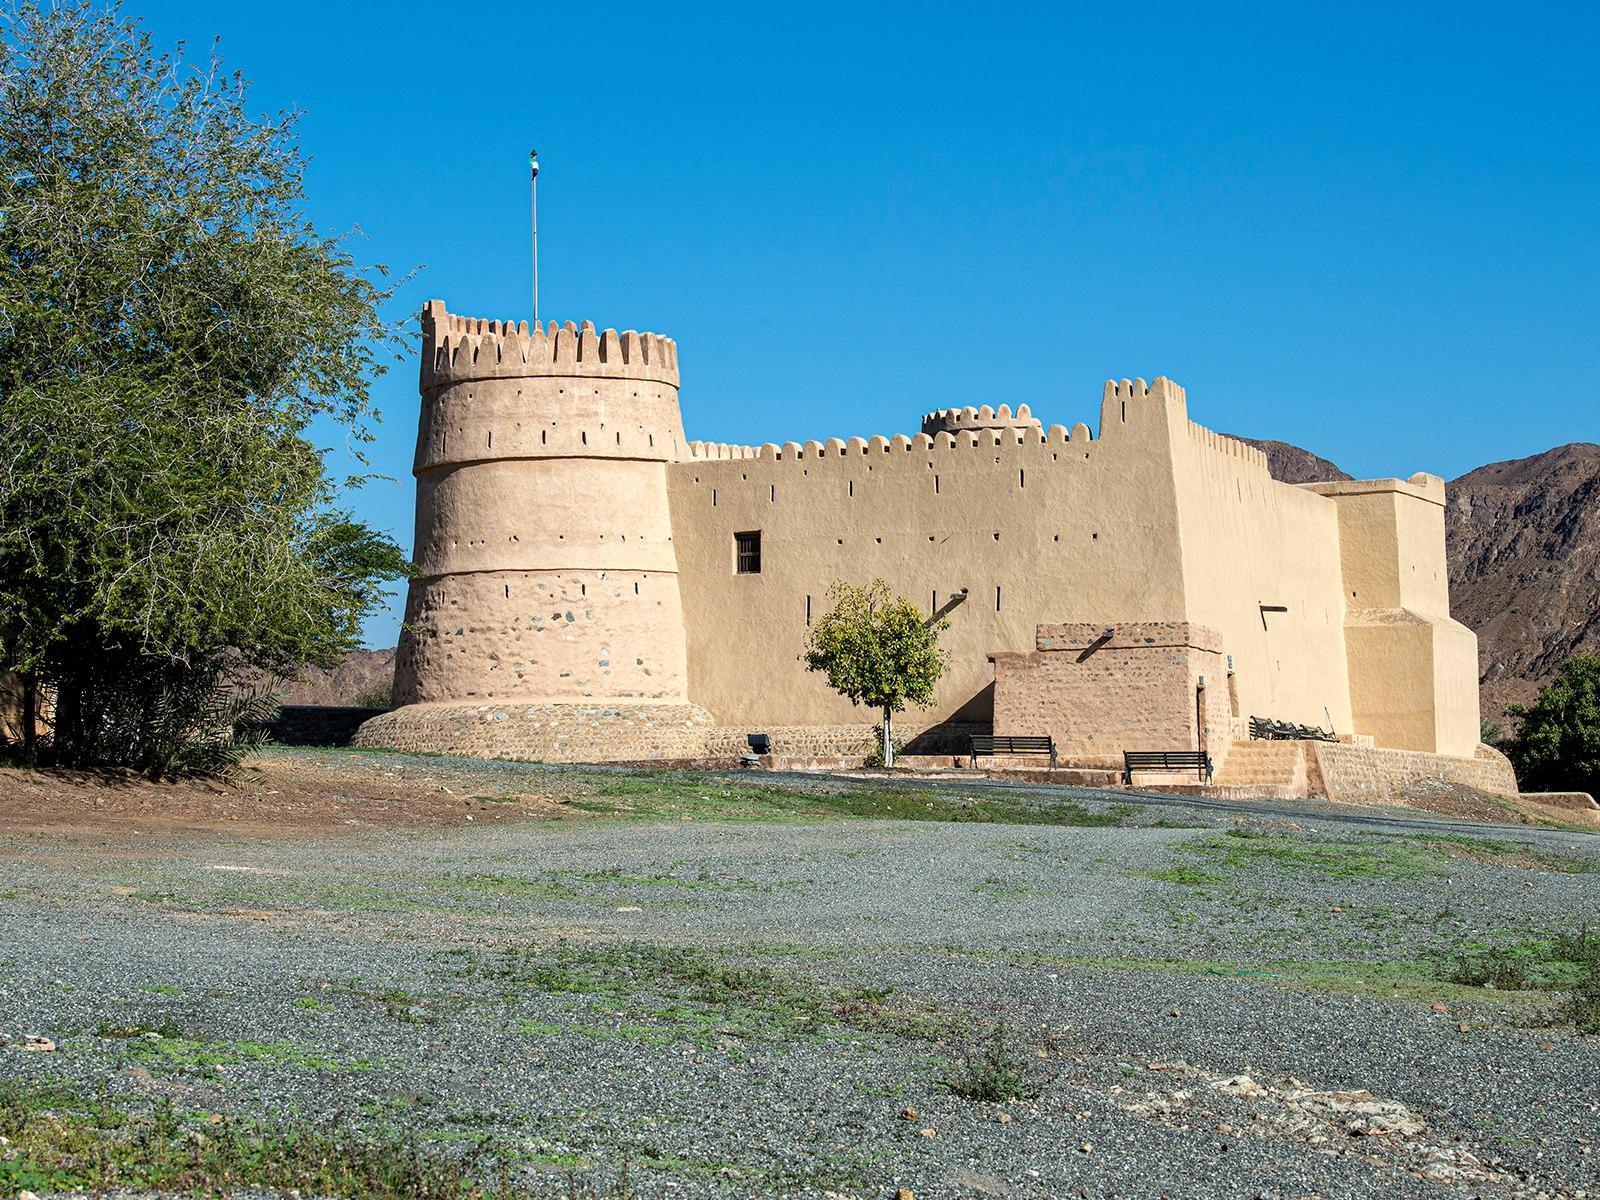 صورة اليوم |  قلعة البثنة في الفجيرة.. أيقونة سياحية شاهدة على تاريخ 3 قرون